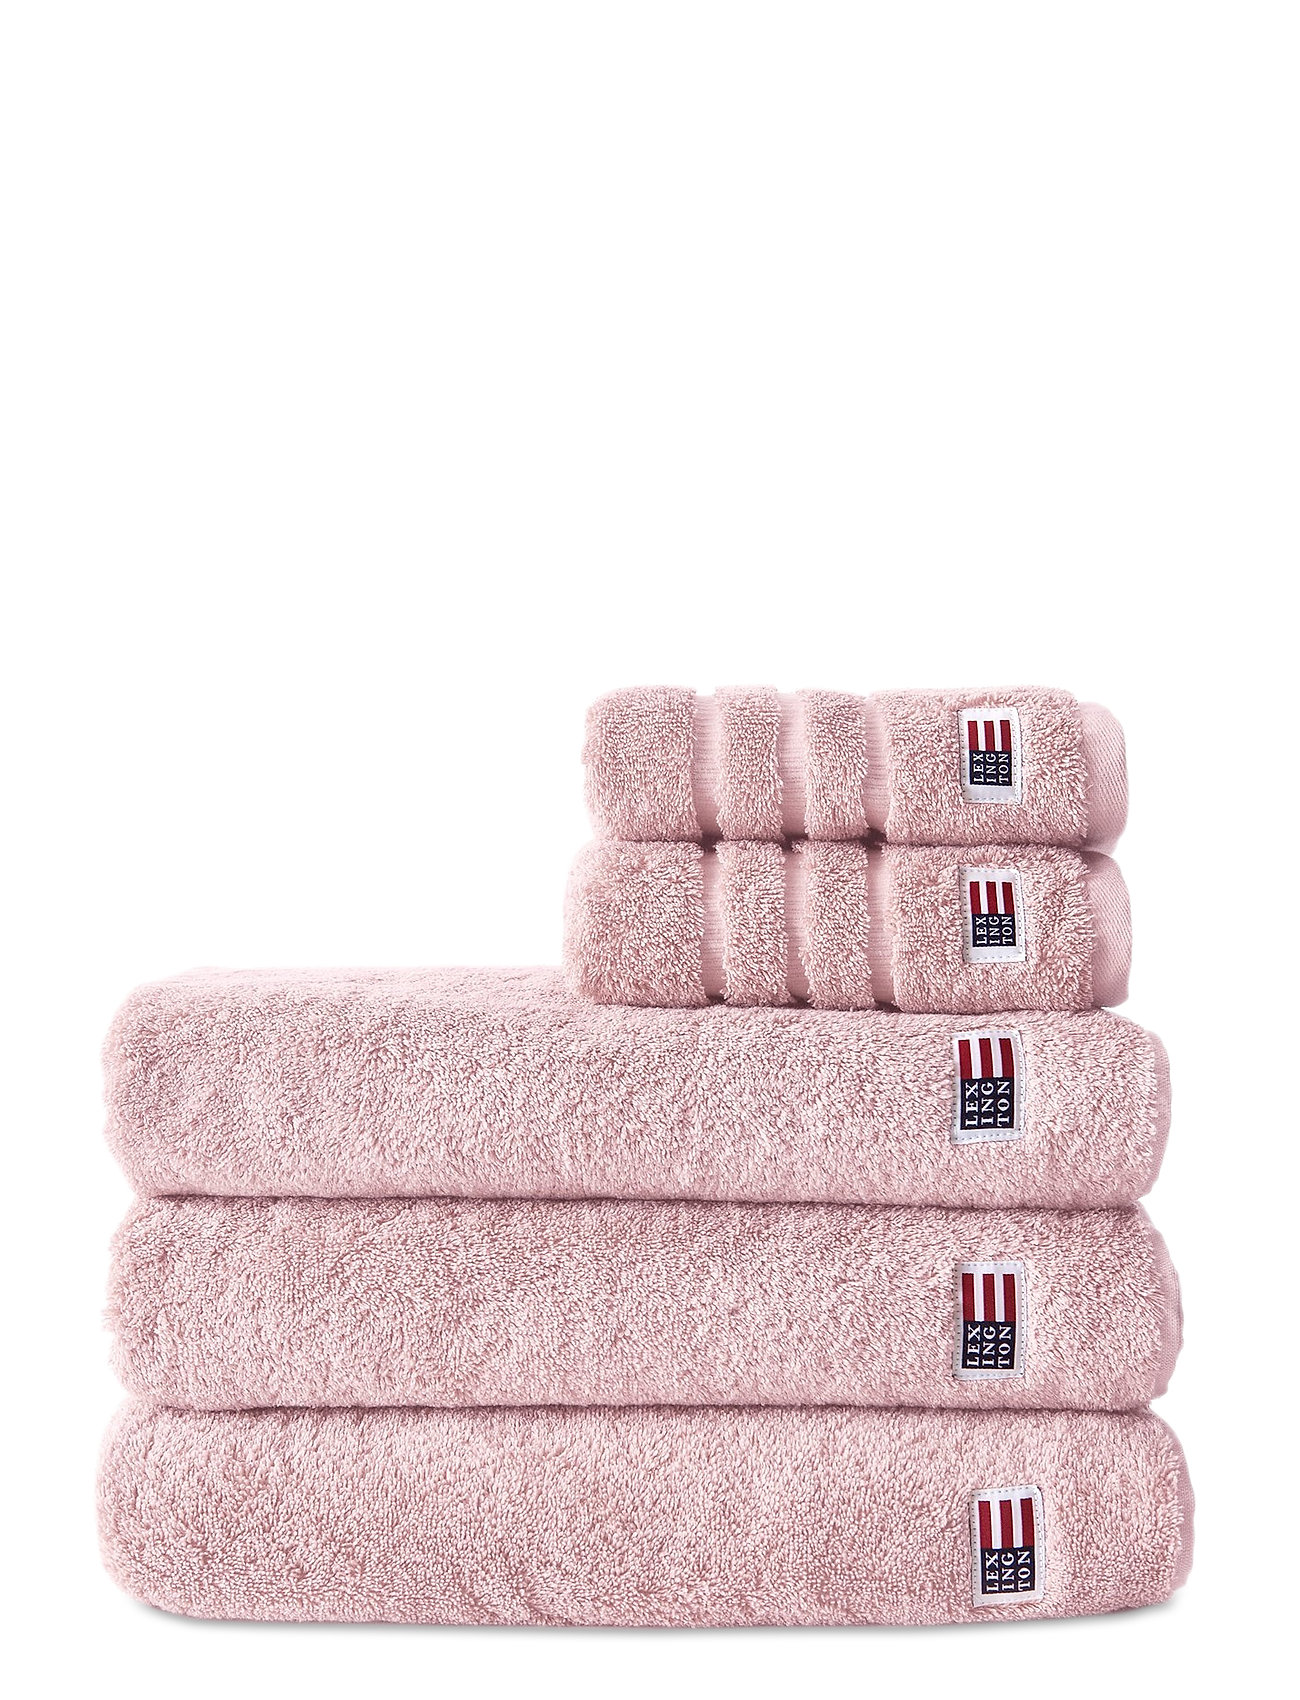 Original Towel Light Rose - Lexington Home